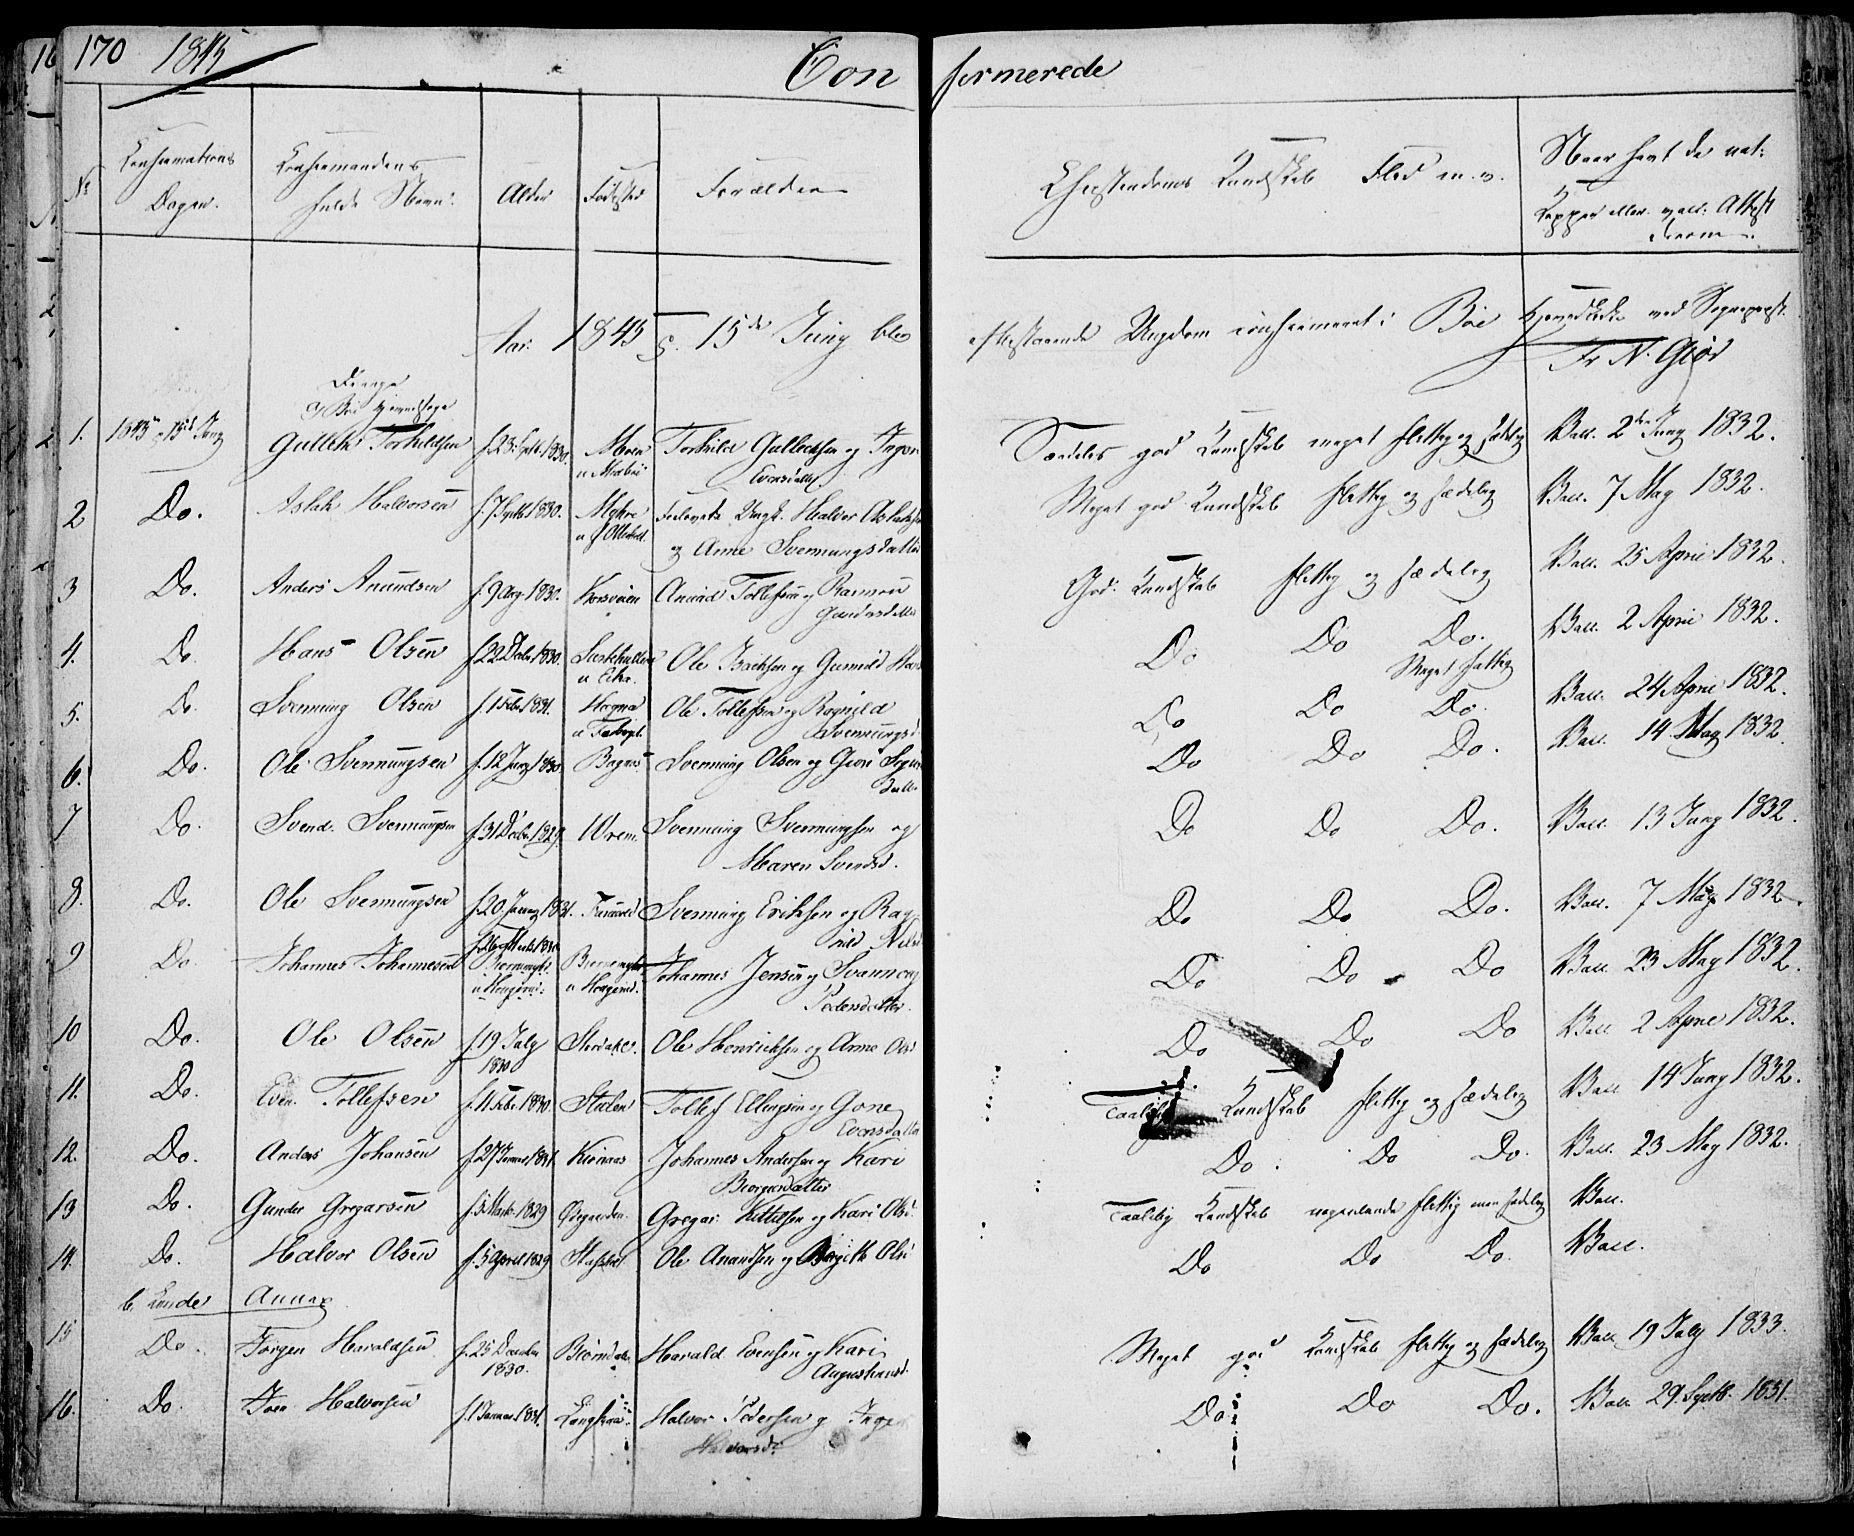 SAKO, Bø kirkebøker, F/Fa/L0007: Ministerialbok nr. 7, 1831-1848, s. 170